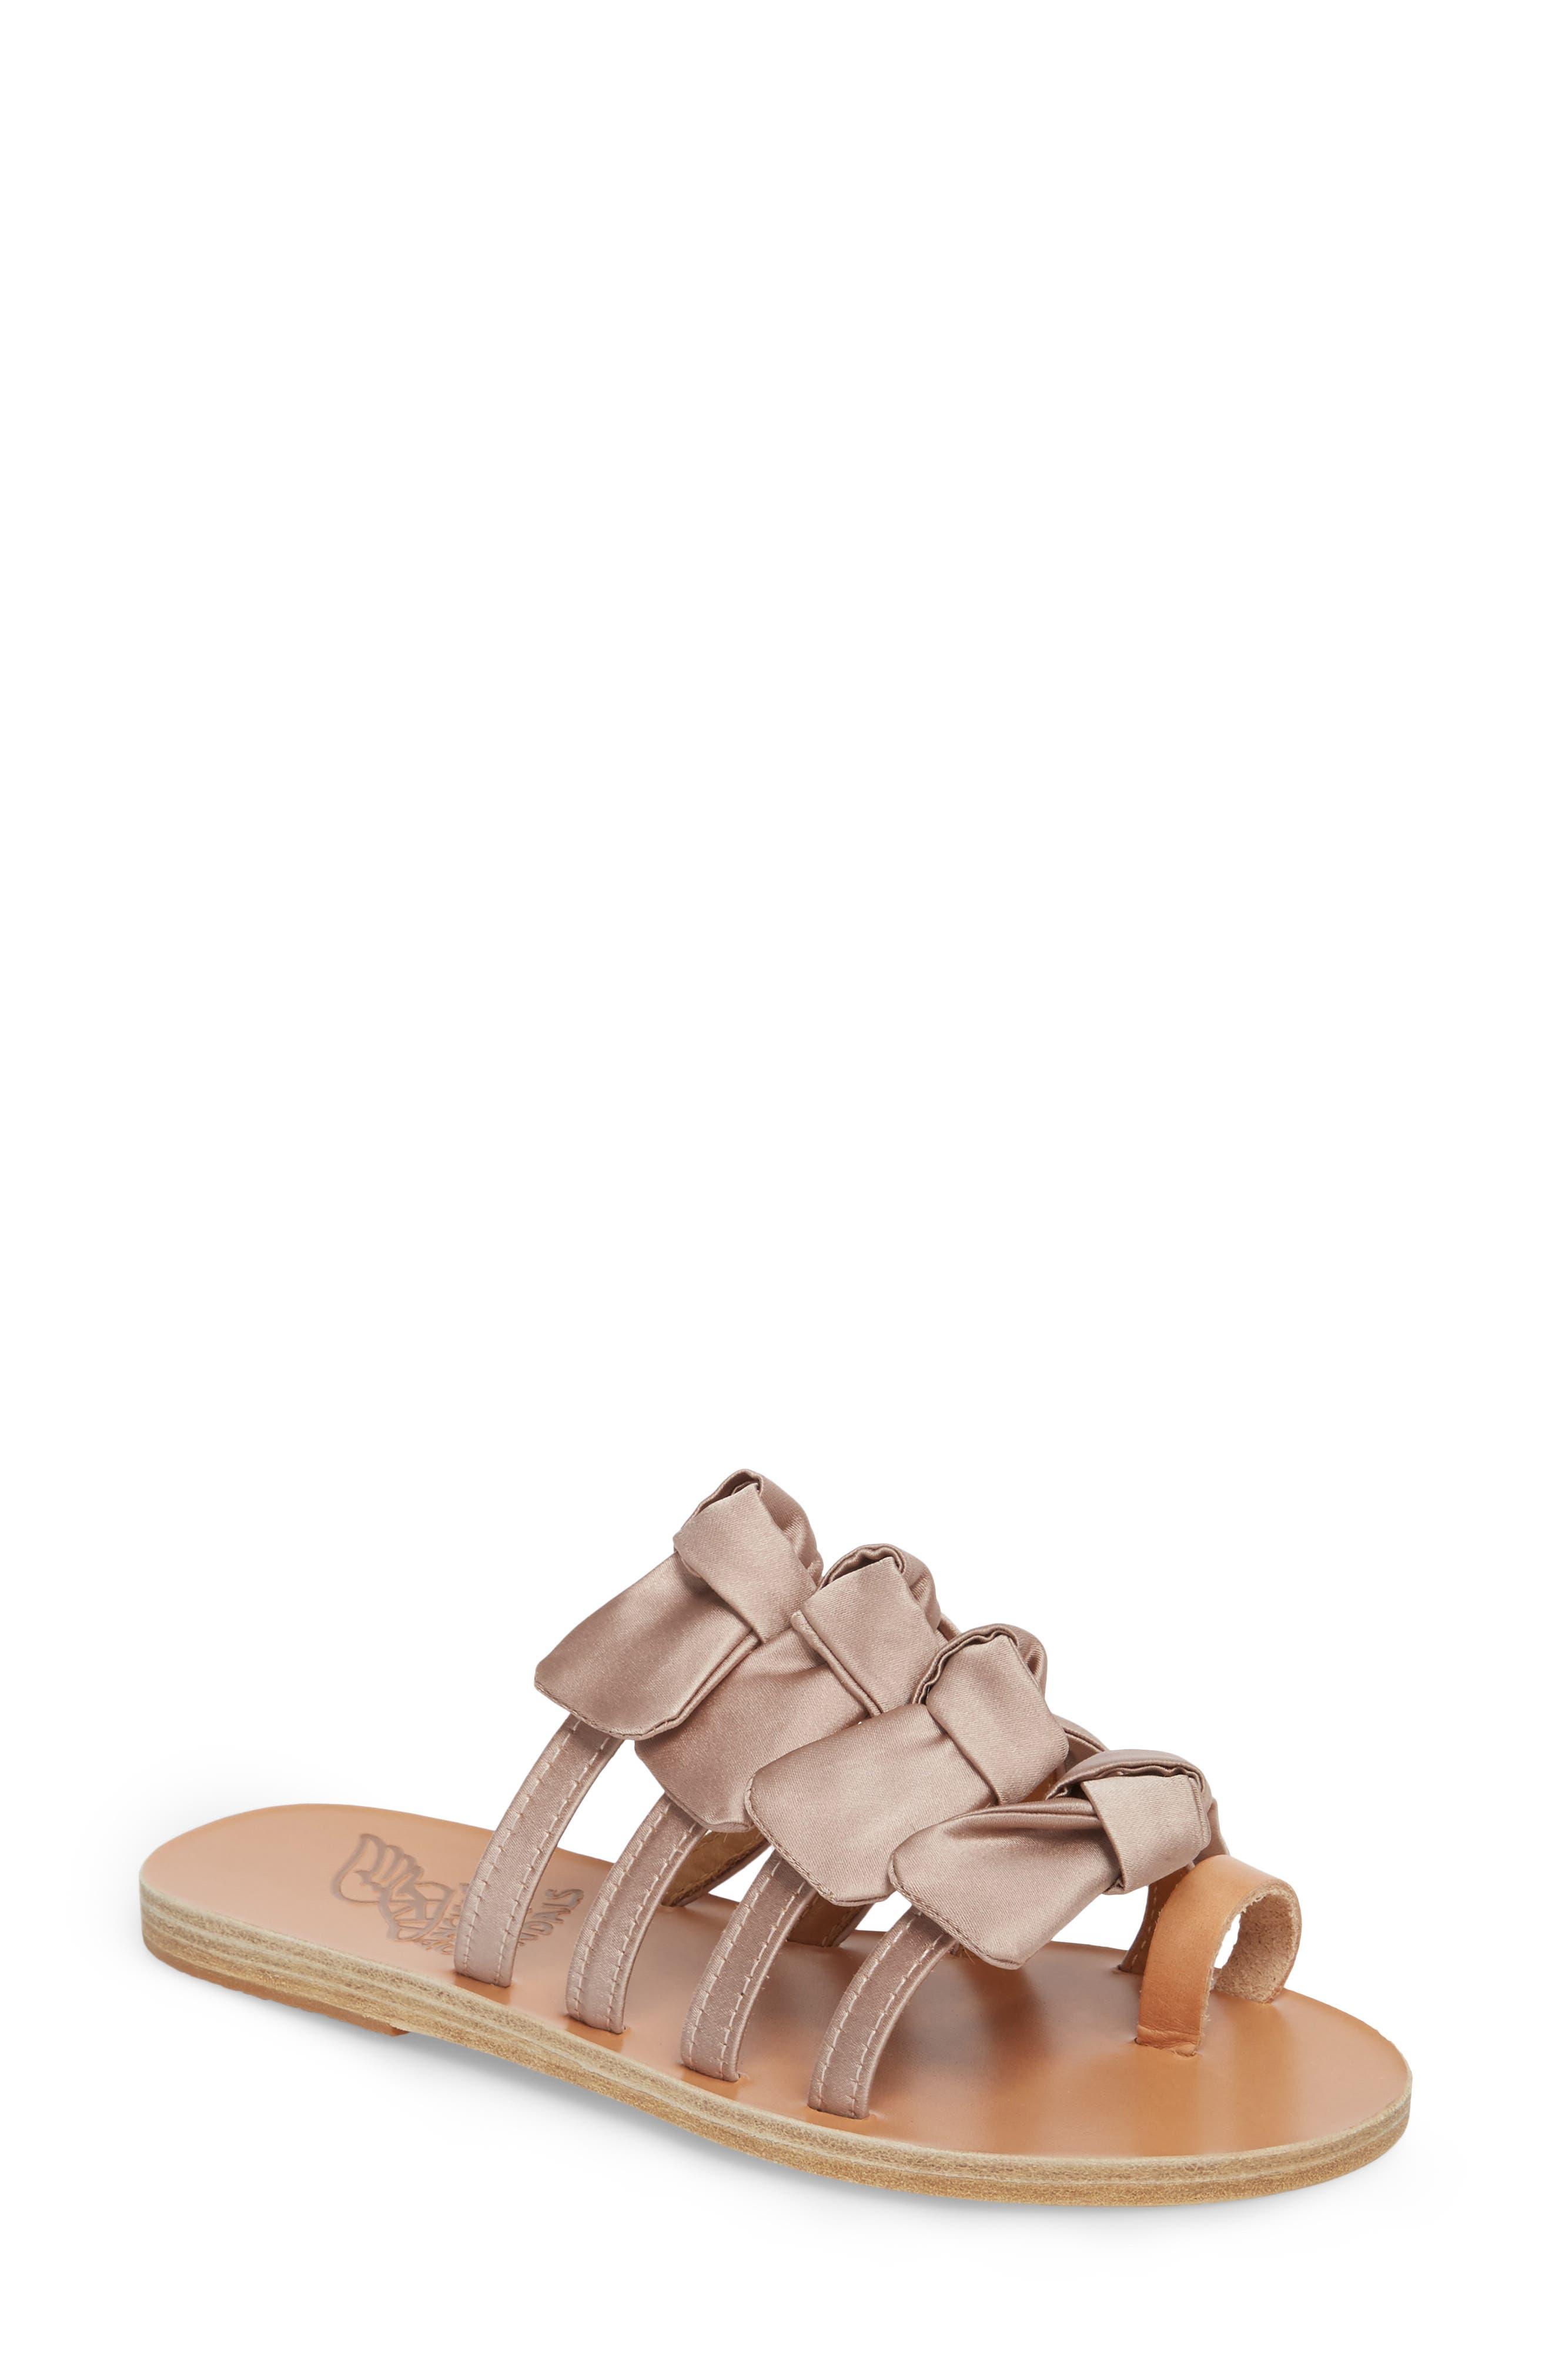 Hara Toe Loop Slide Sandal,                         Main,                         color, Natural/ Lotus